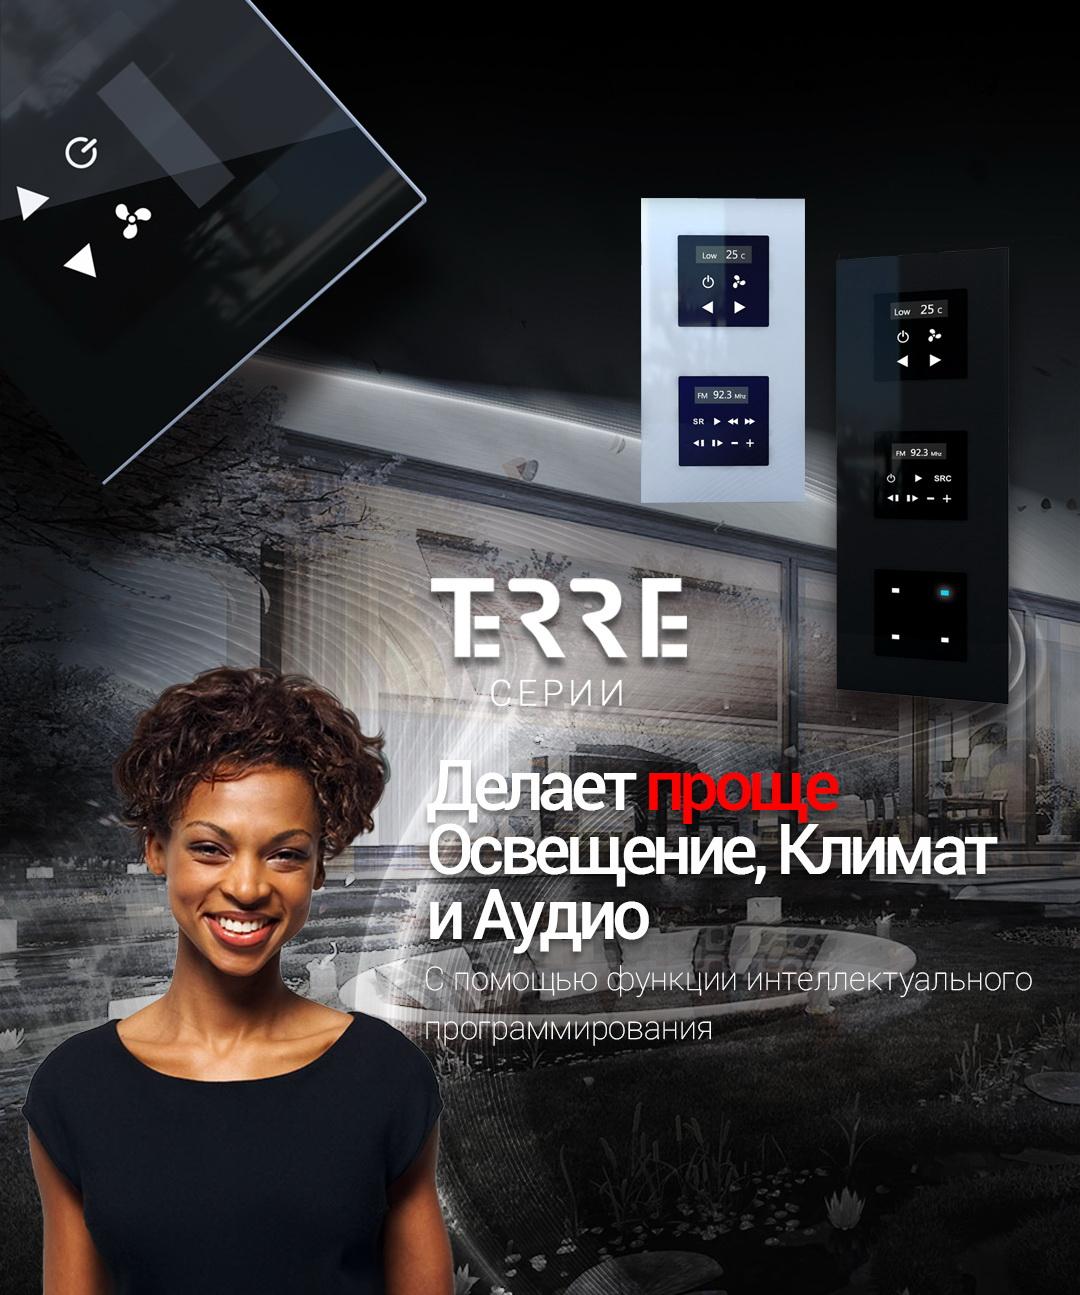 Серия TIS Terre, простое управление умной домашней автоматизацией